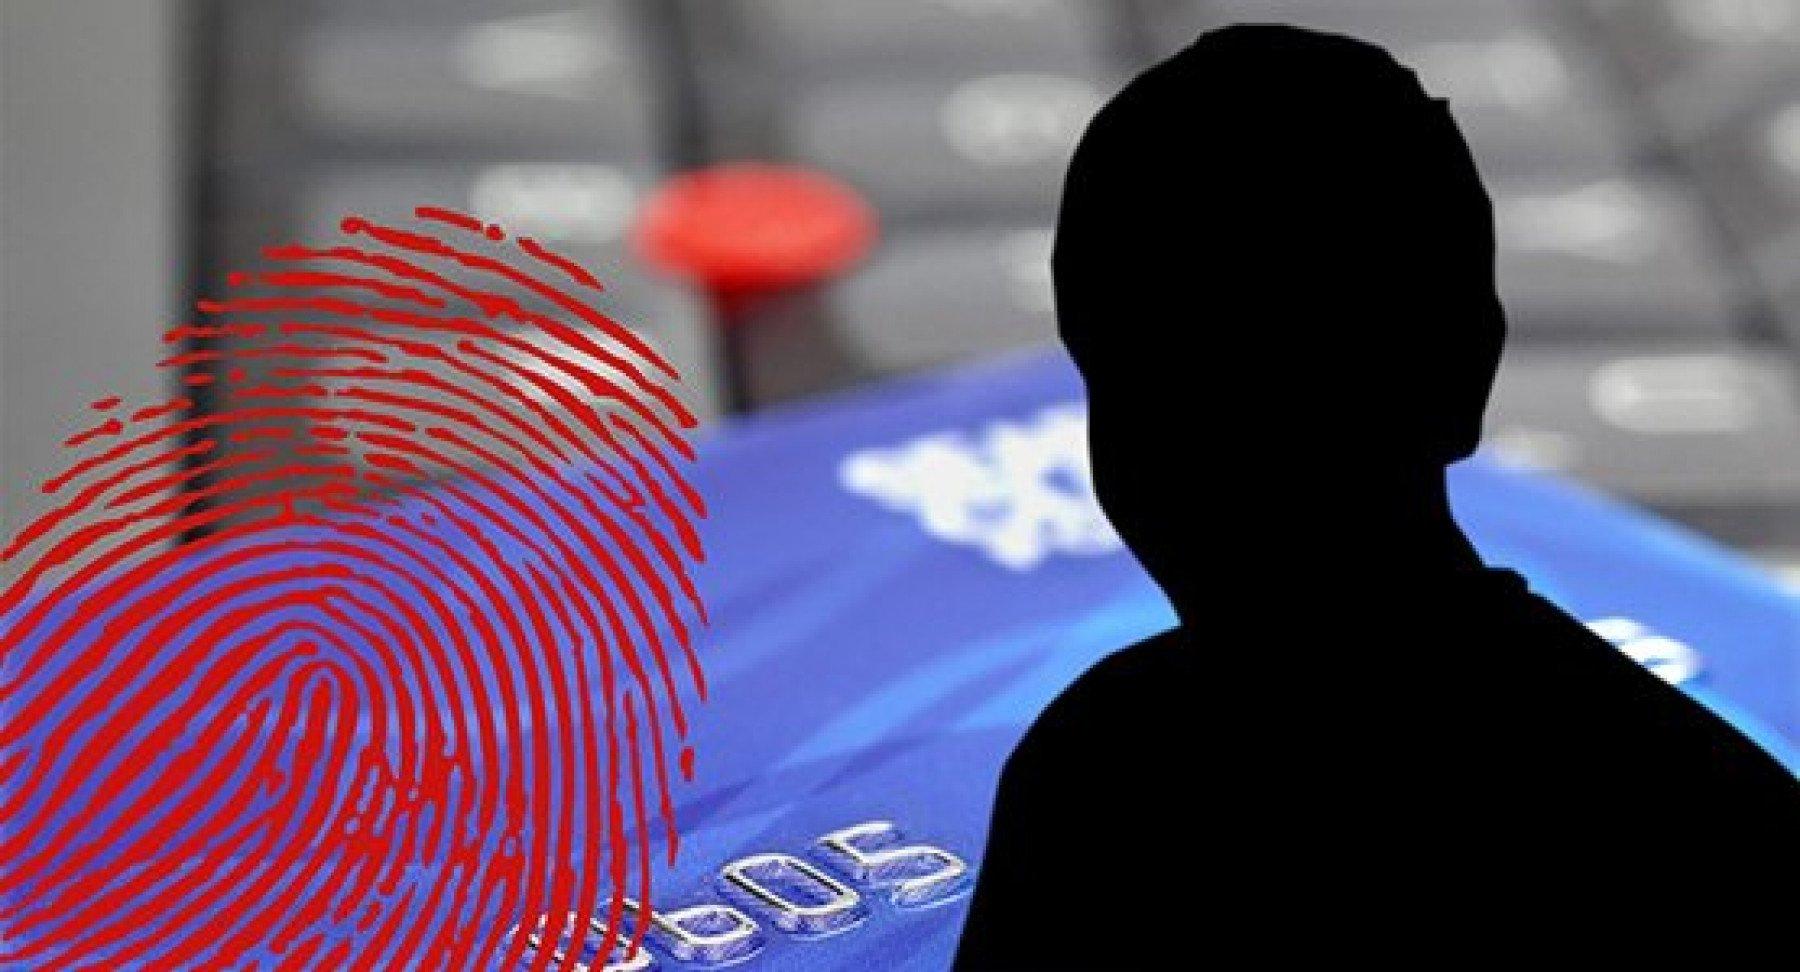 Ett kreditkort i bakgrunden av bilden med ett fingeravtryck och en person i svart siluett